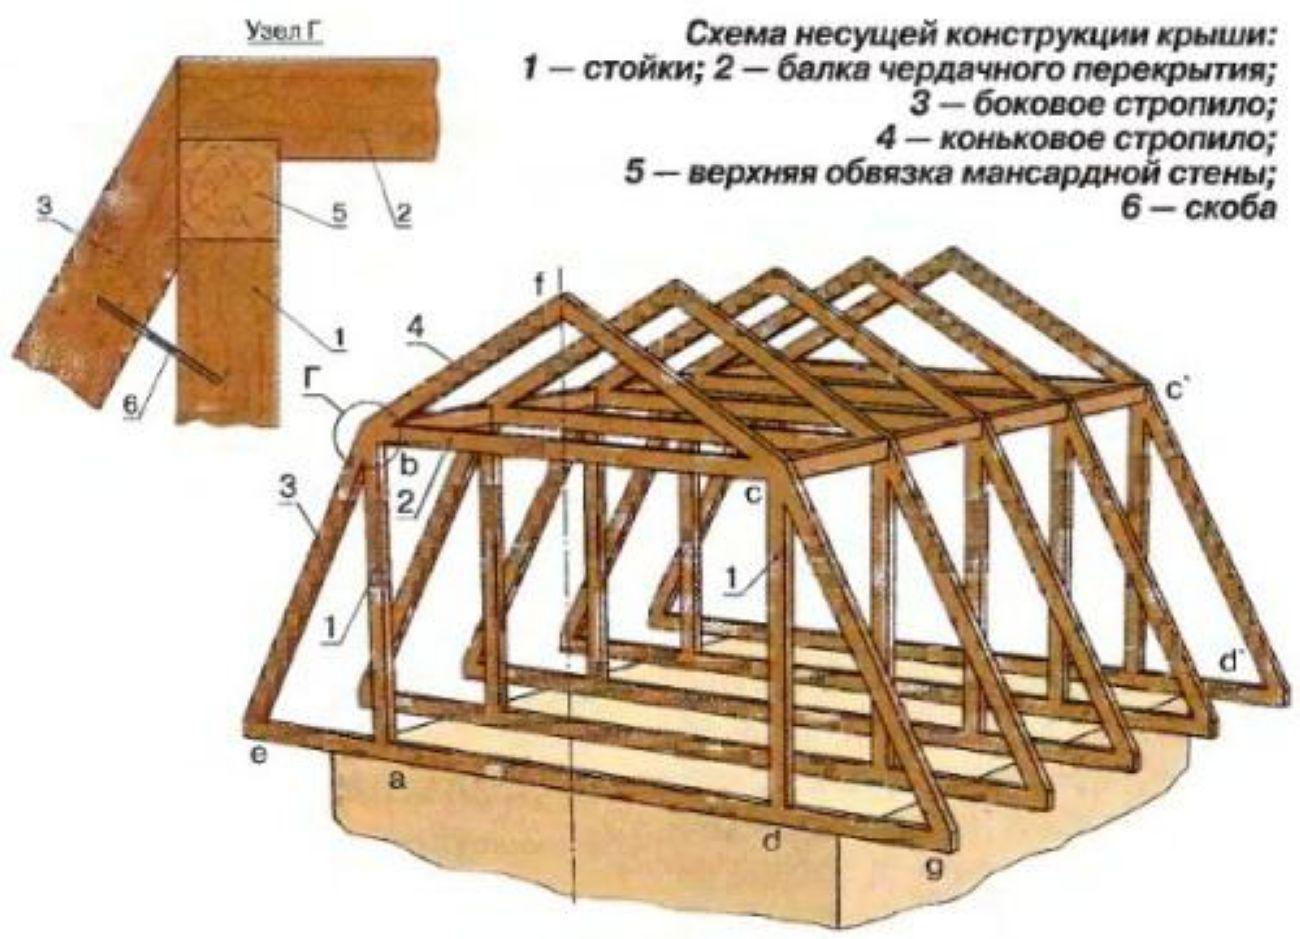 Строительство вальмовой крыши частного дома своими руками пошагово фото 256